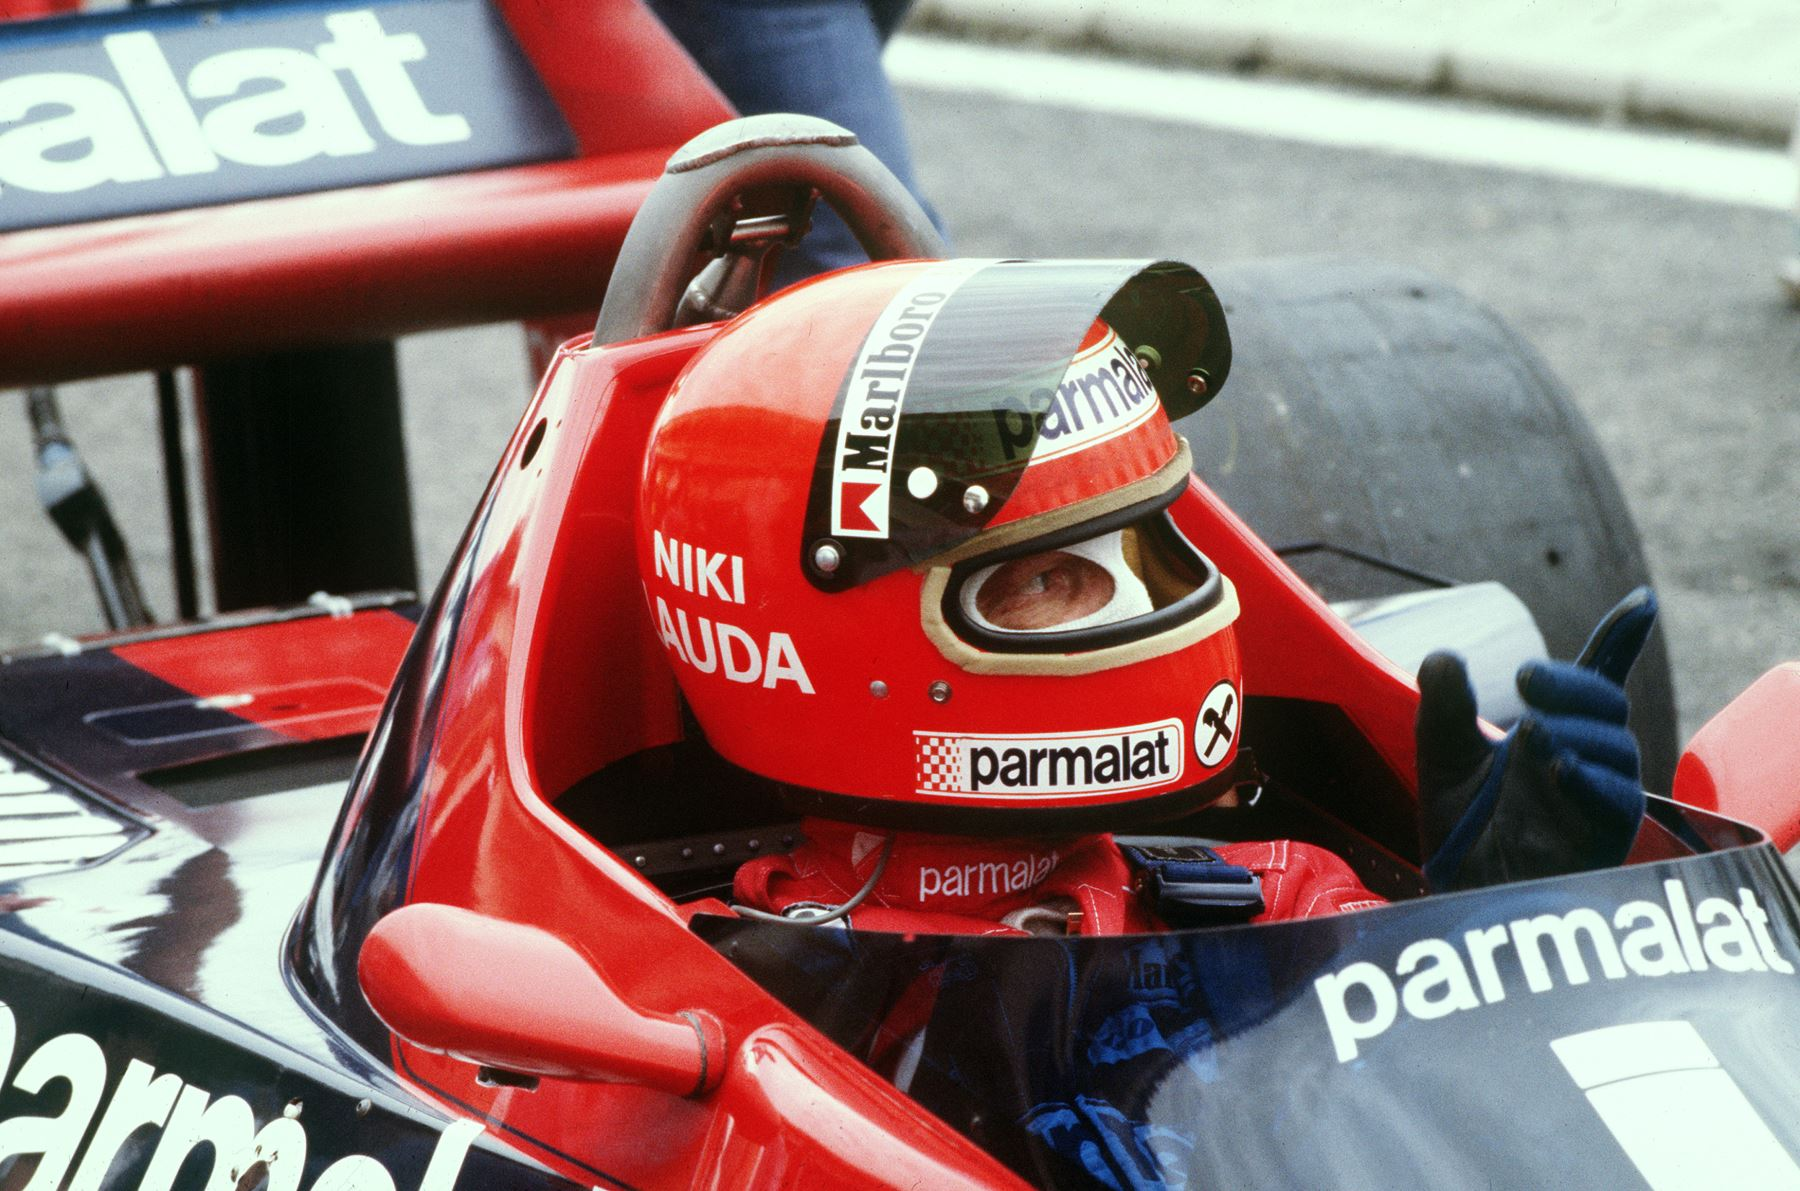 Niki Lauda, gesticula en su automóvil durante una sesión de entrenamiento en el circuito de Le Castellet Paul Ricard el 2 de diciembre de 1976. Foto: AFP